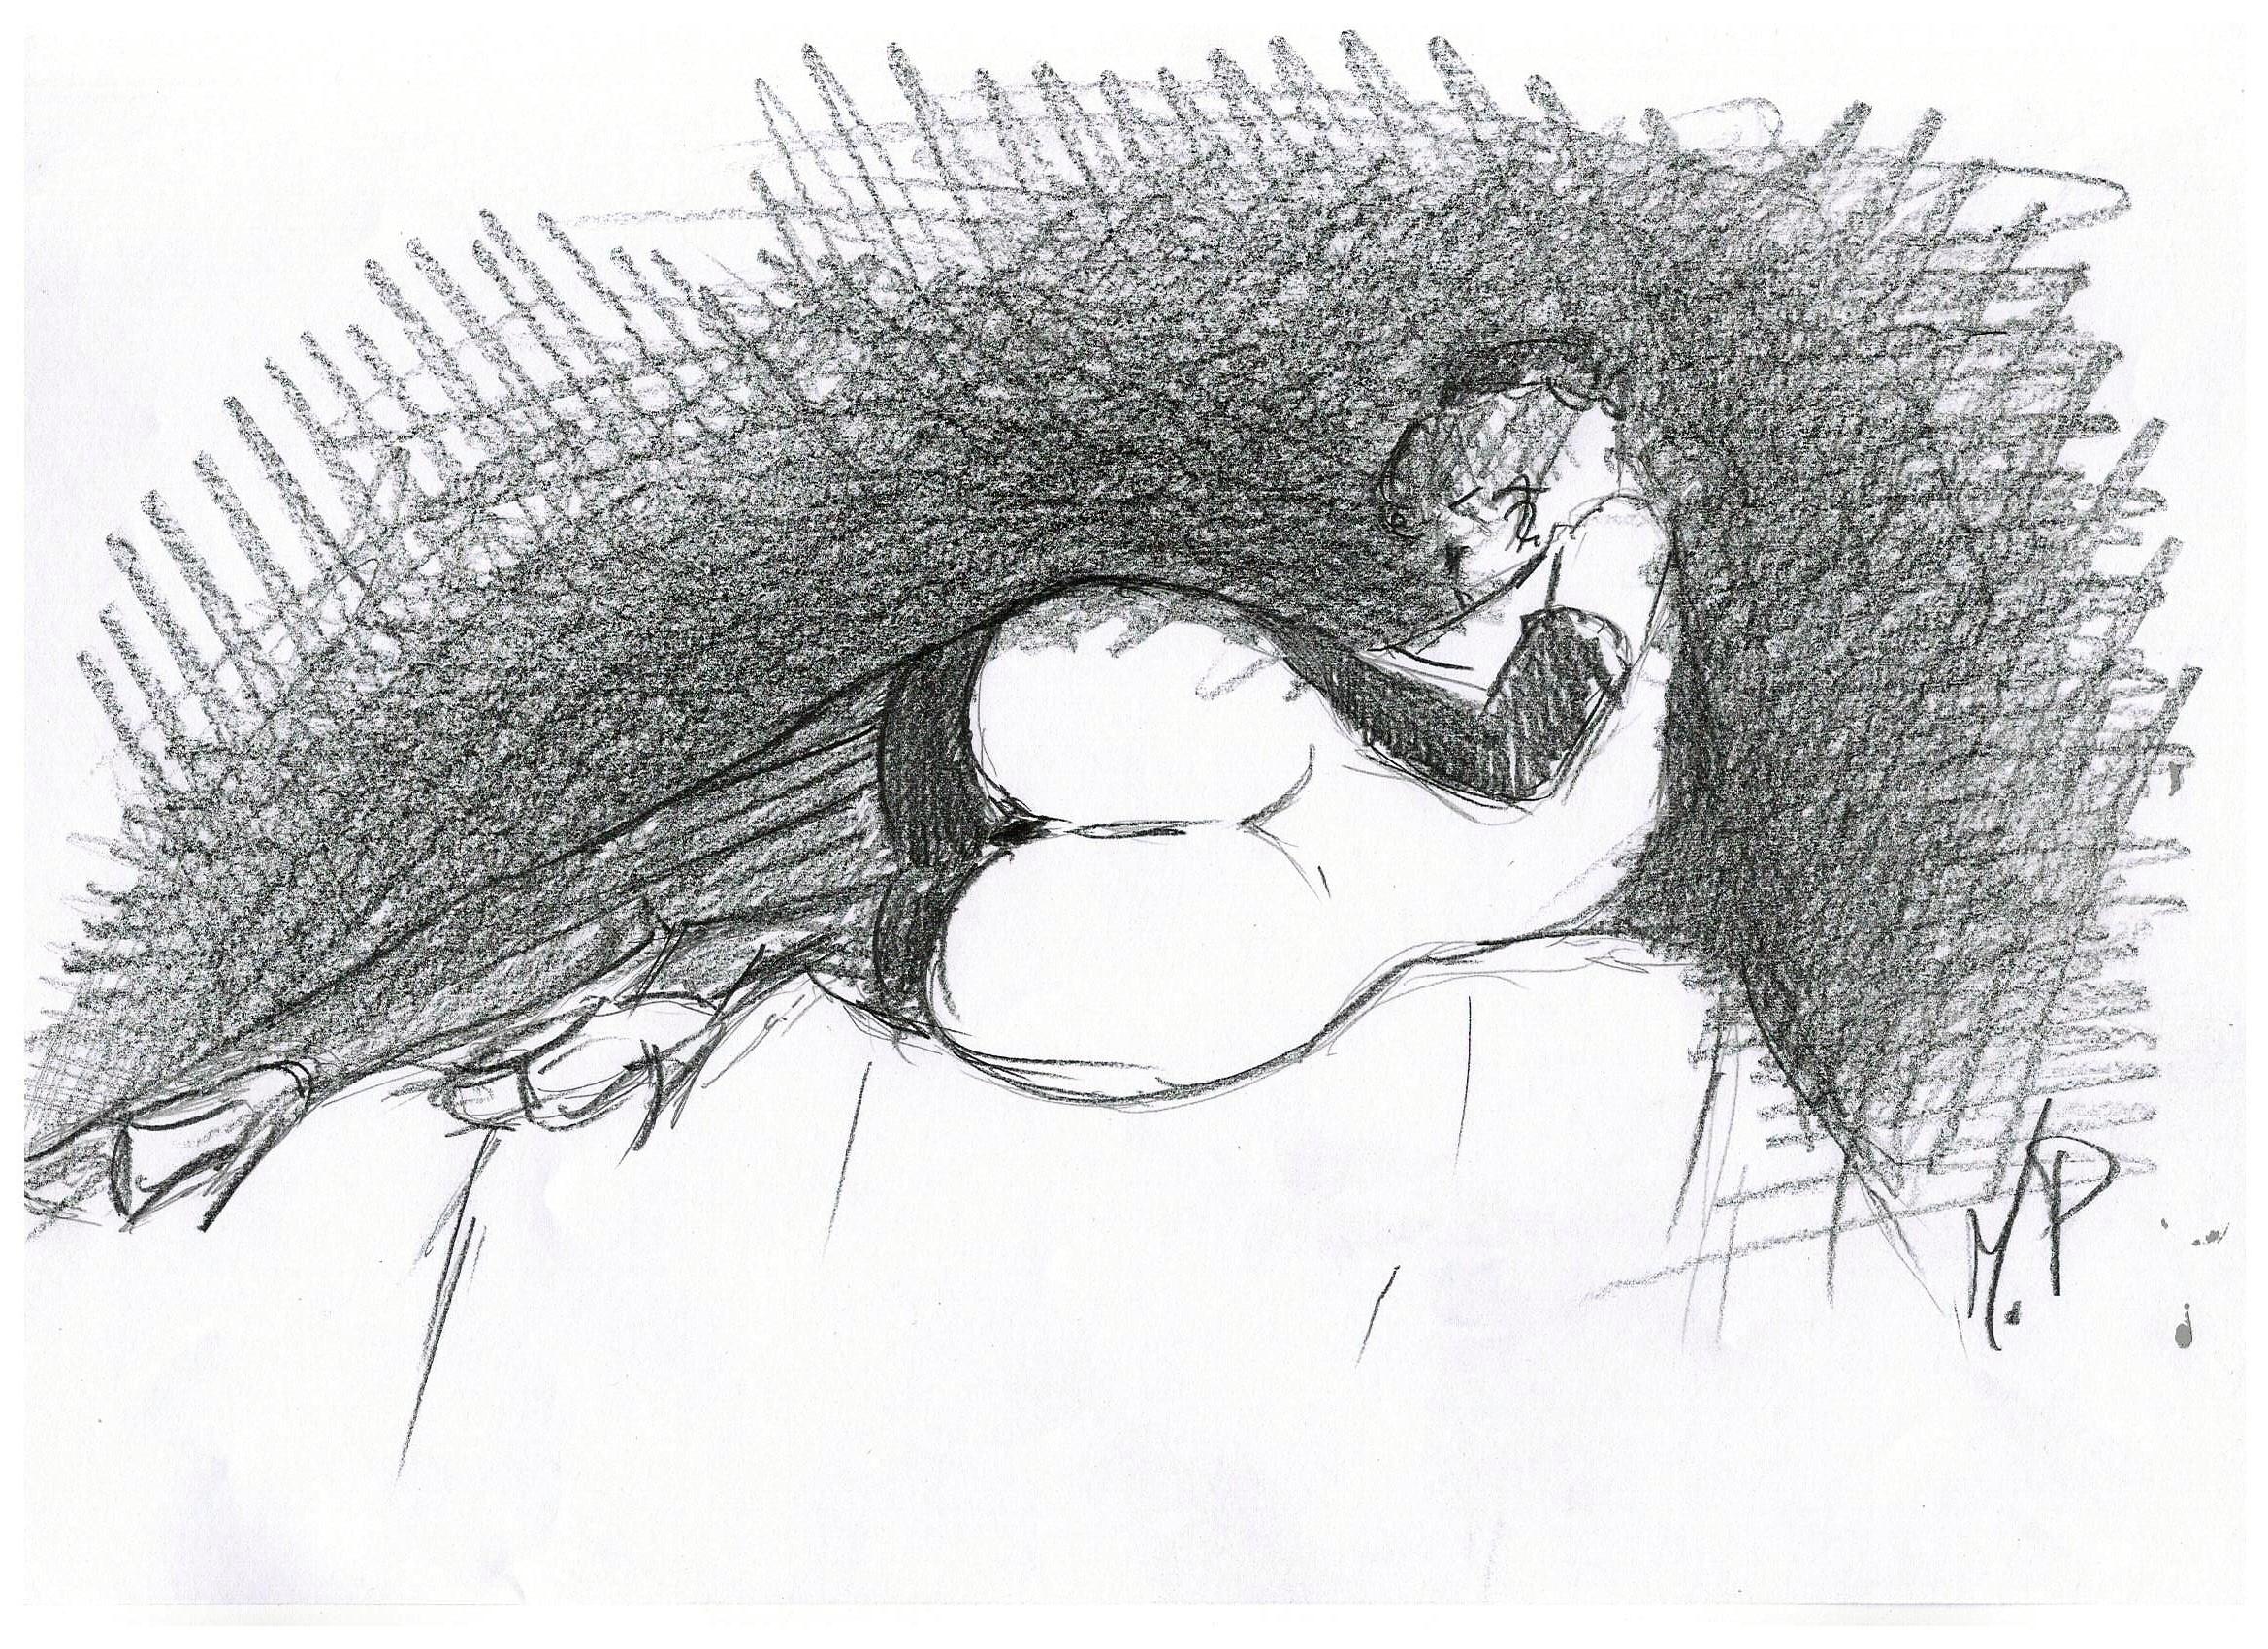 Schizzando di getto, 2018 disegno a matita su foglio cm 29,5x21, Pasquale Mastrogiacomo, Acerno (SA).